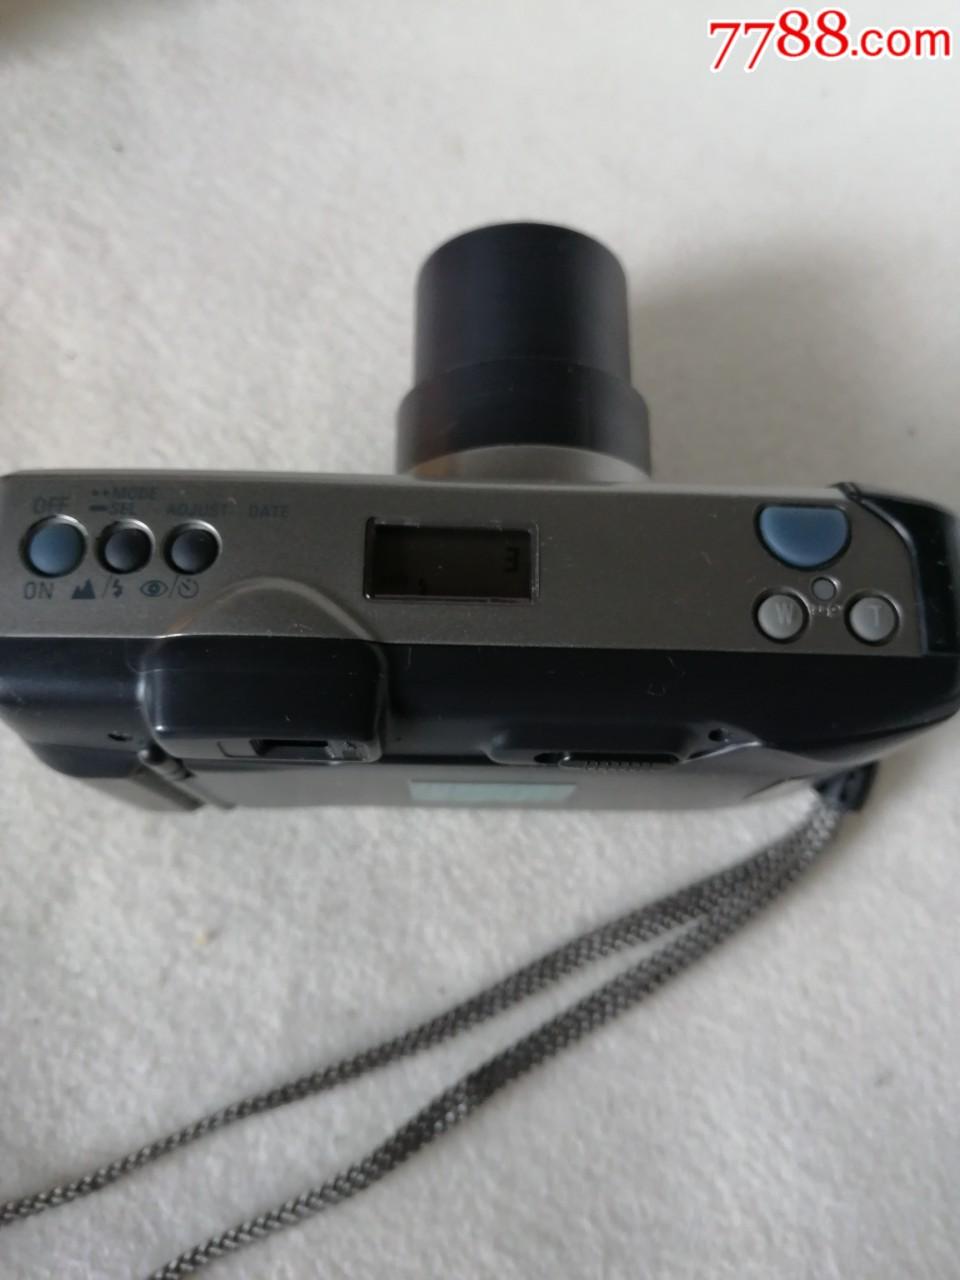 高级变焦尼康相机_价格192元_第6张_